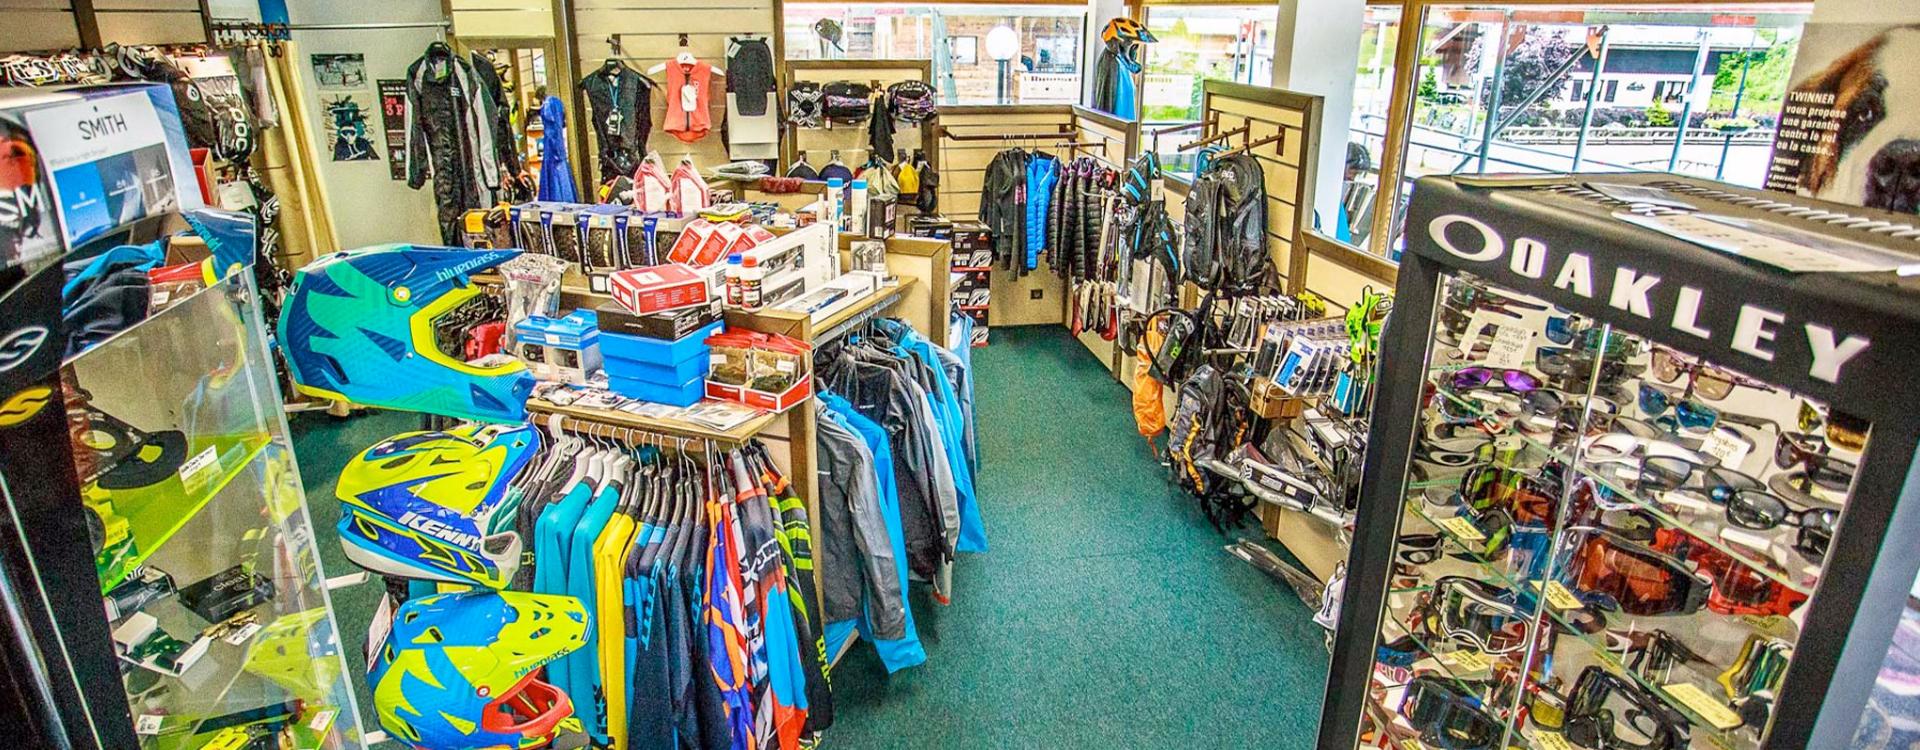 Boutique de pièces, accessoires et vêtements pour le vélo